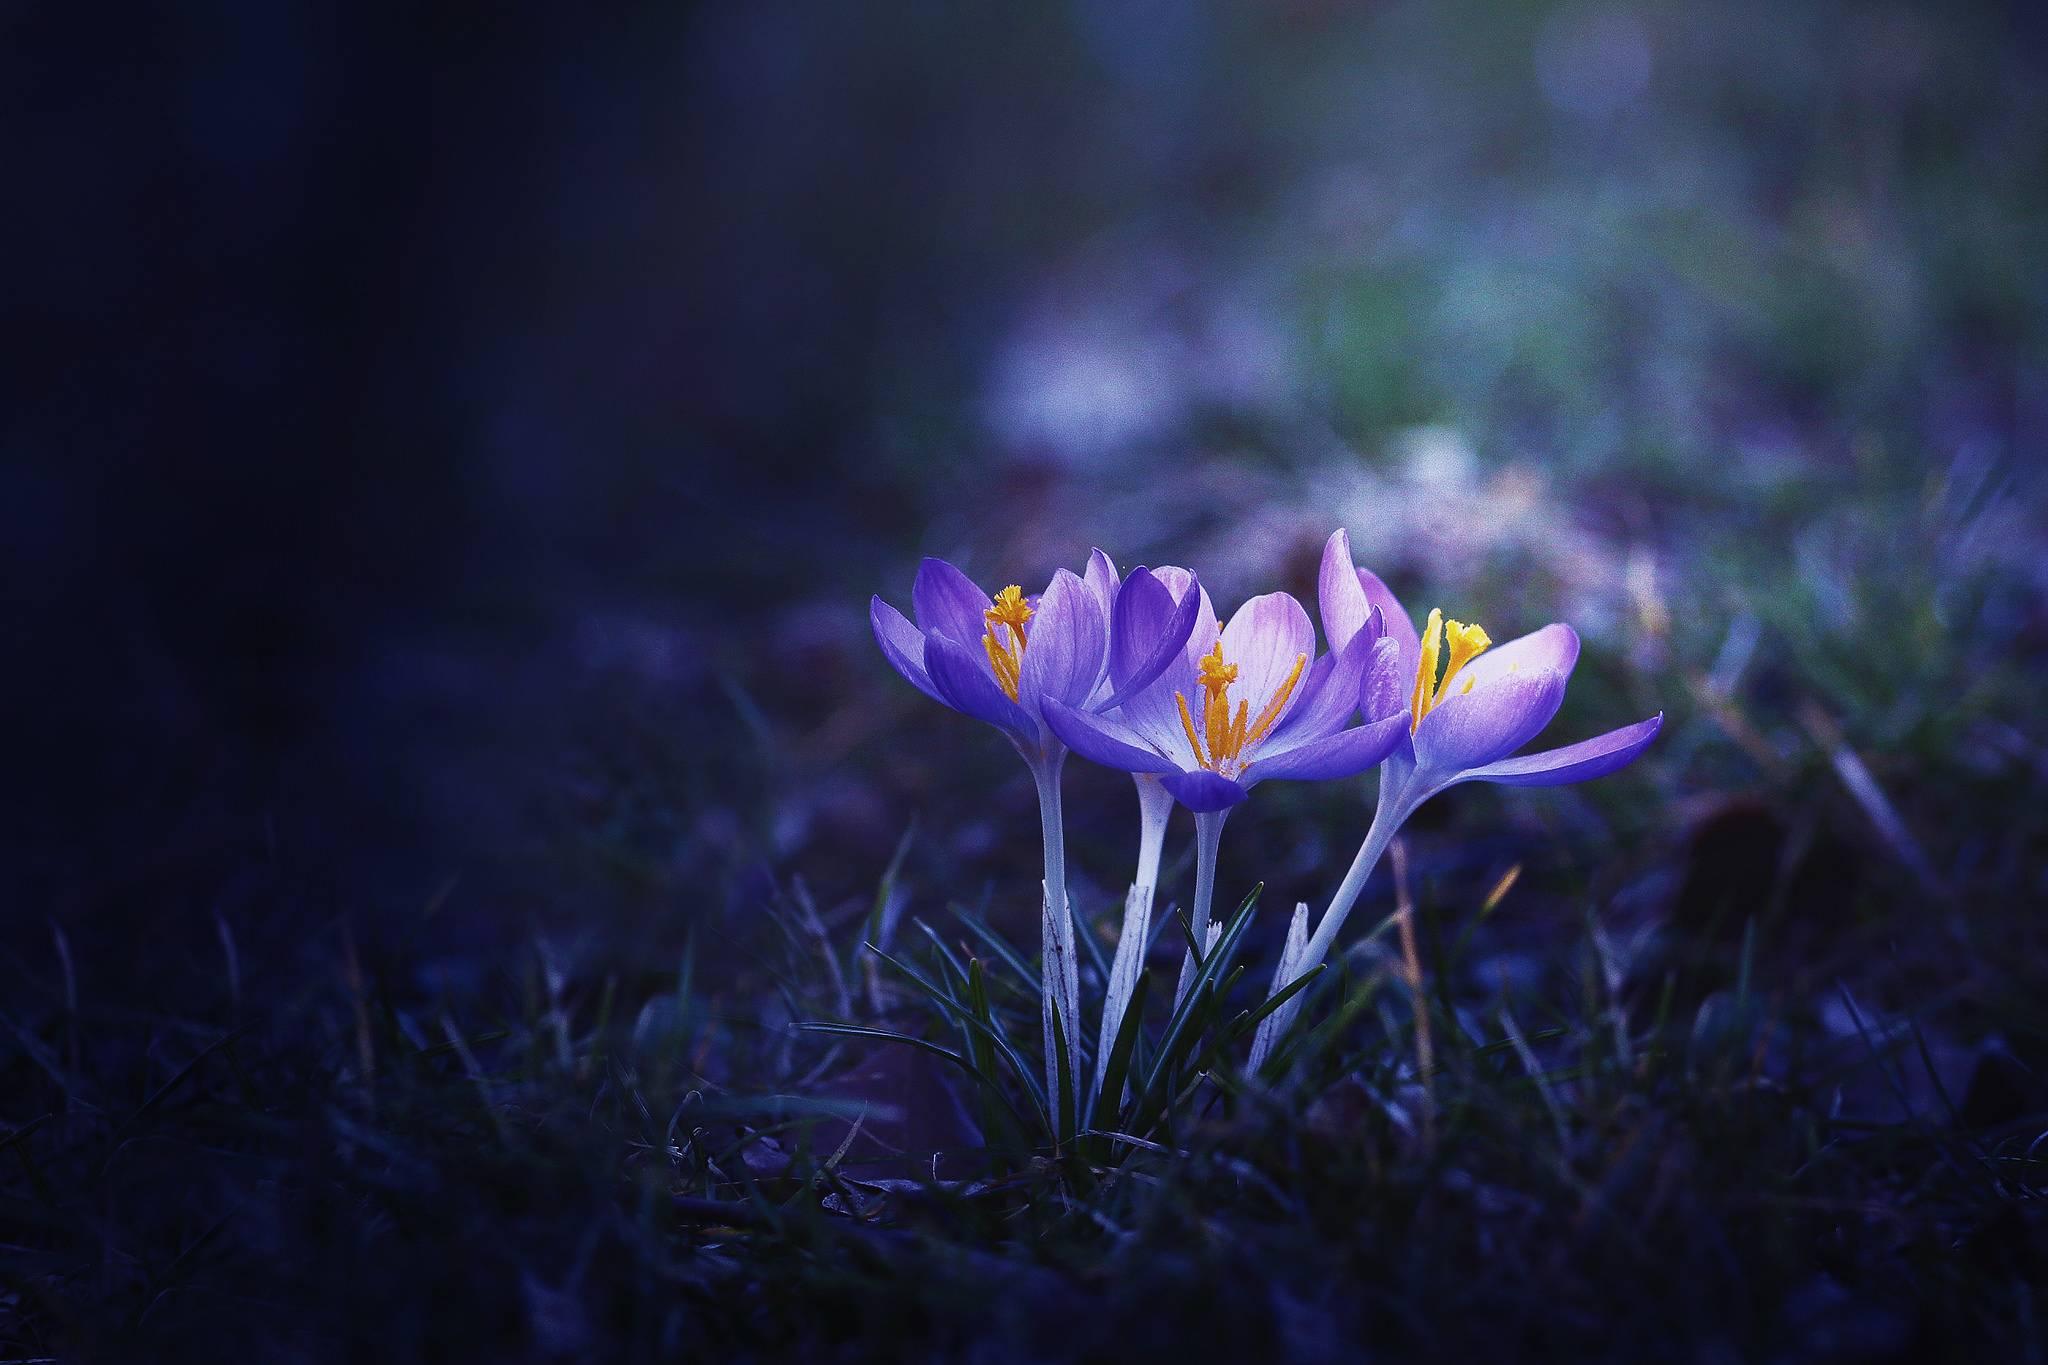 цветы, крокусы, флора